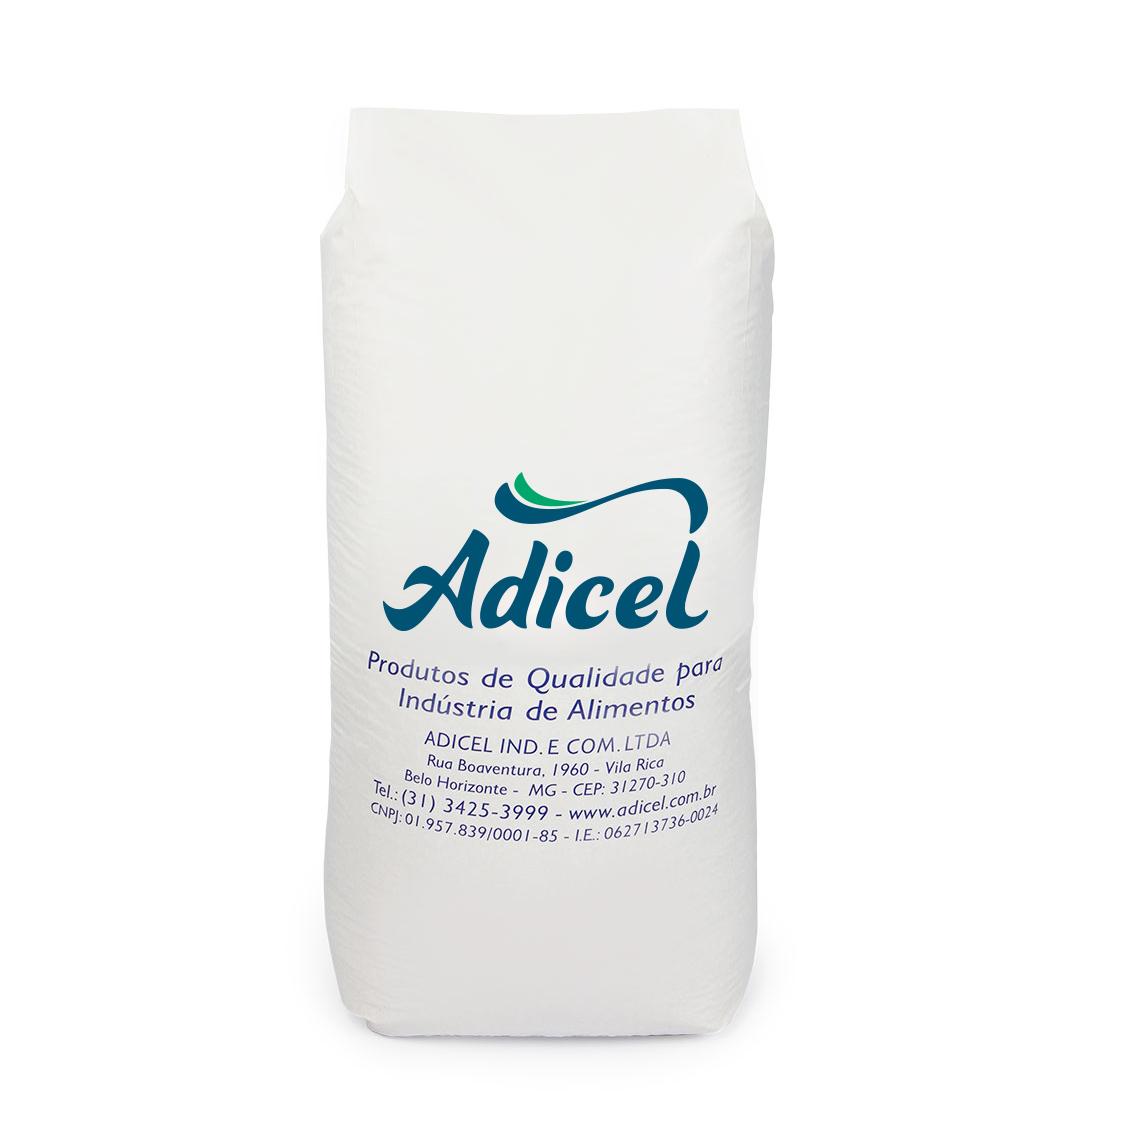 Proteína Texturizada De Soja Cor Natural Tamanho Grande (Torresmo) (Não Transgênica) - 10 kg